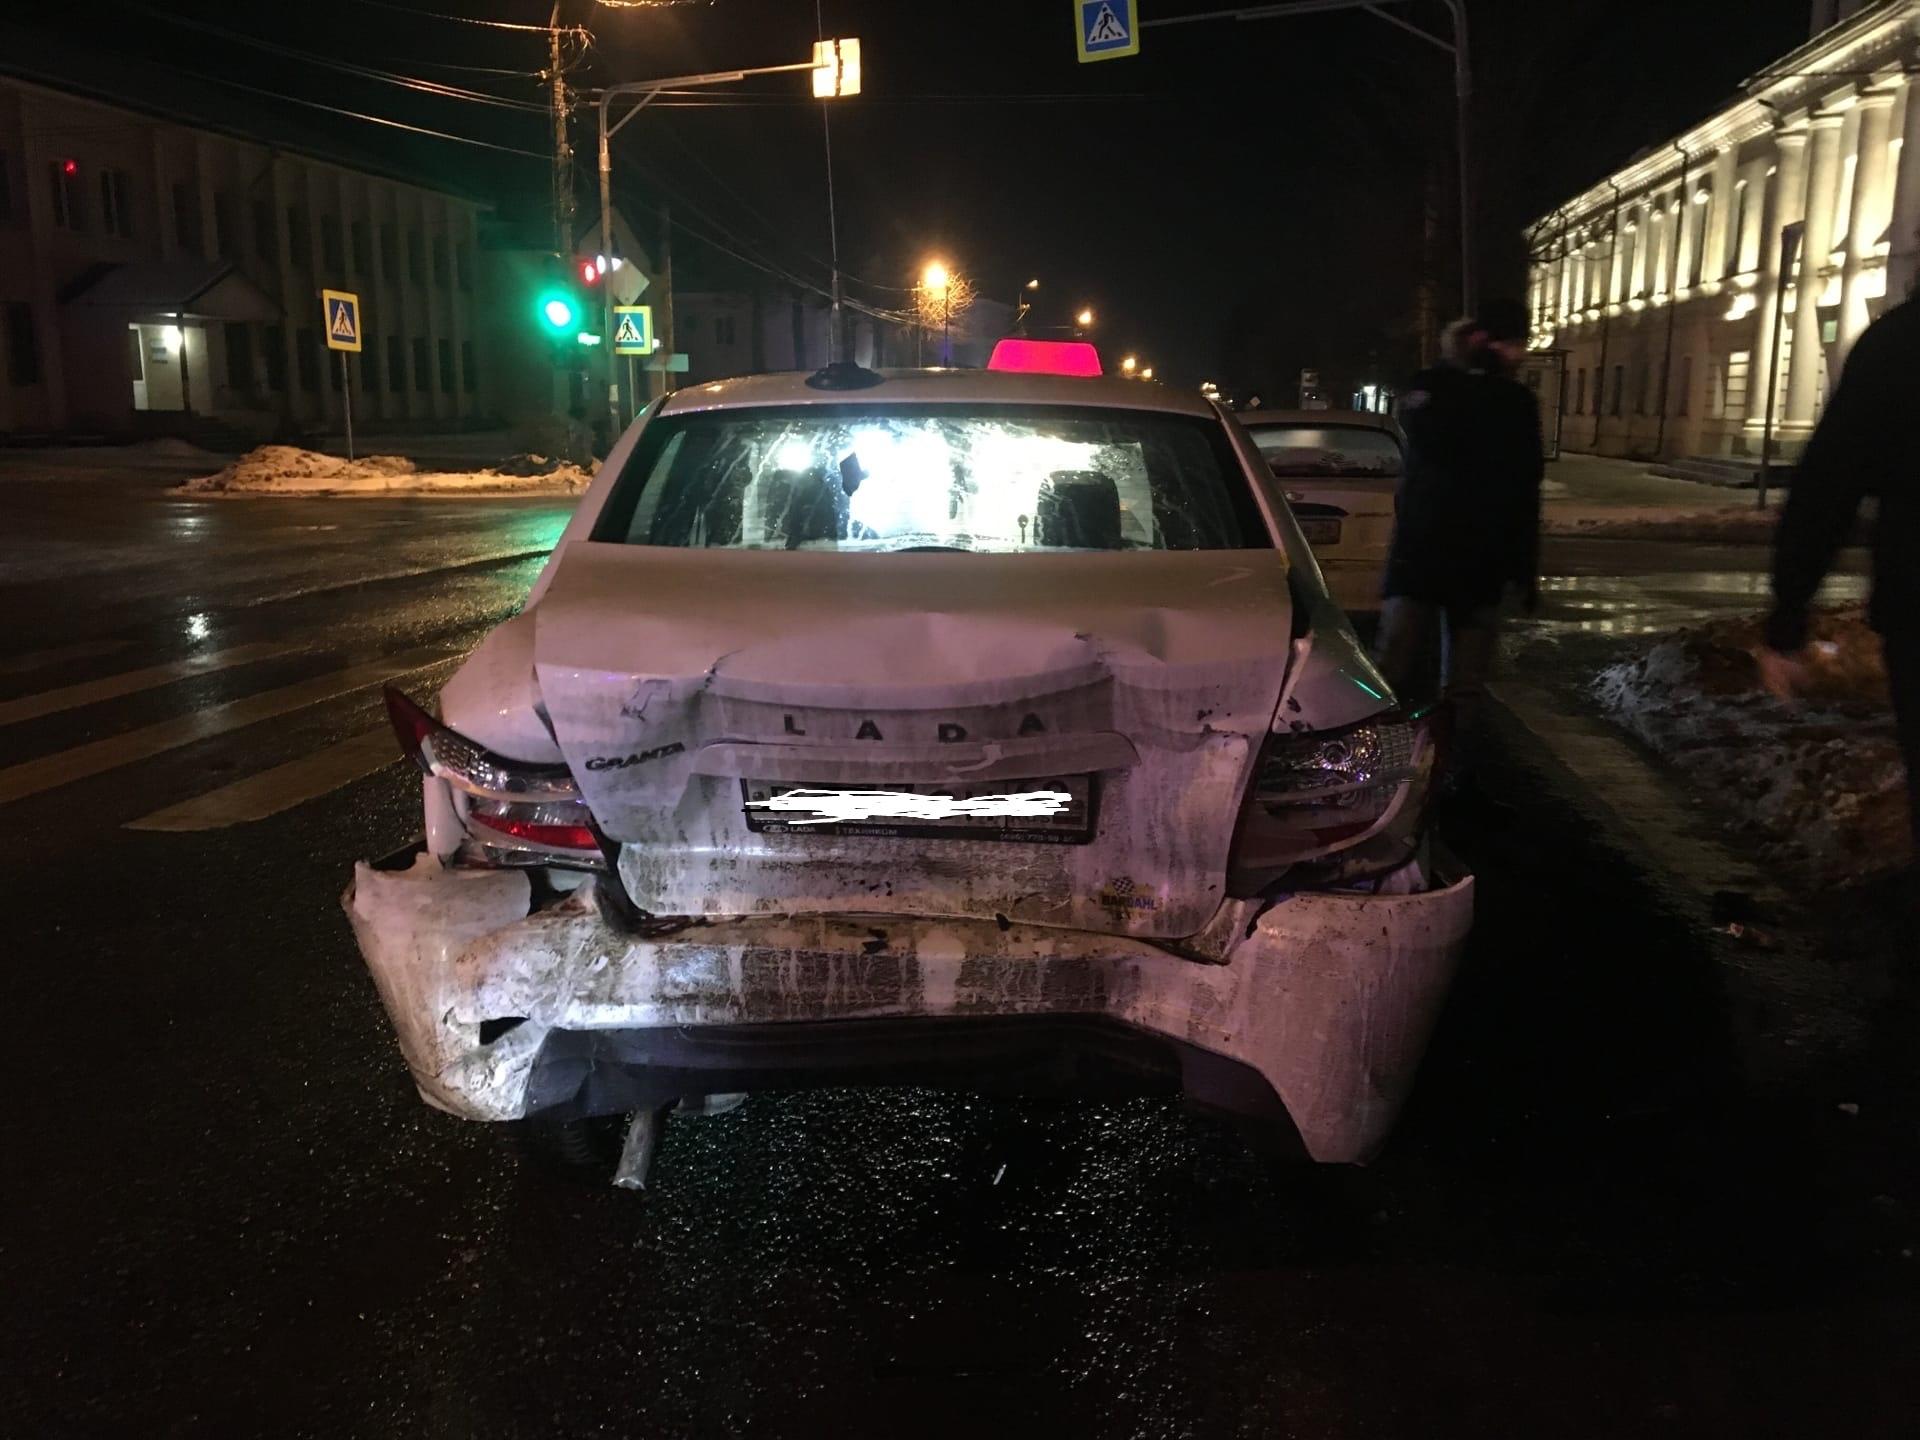 Ночью пьяный водитель врезался в такси в Тверской области